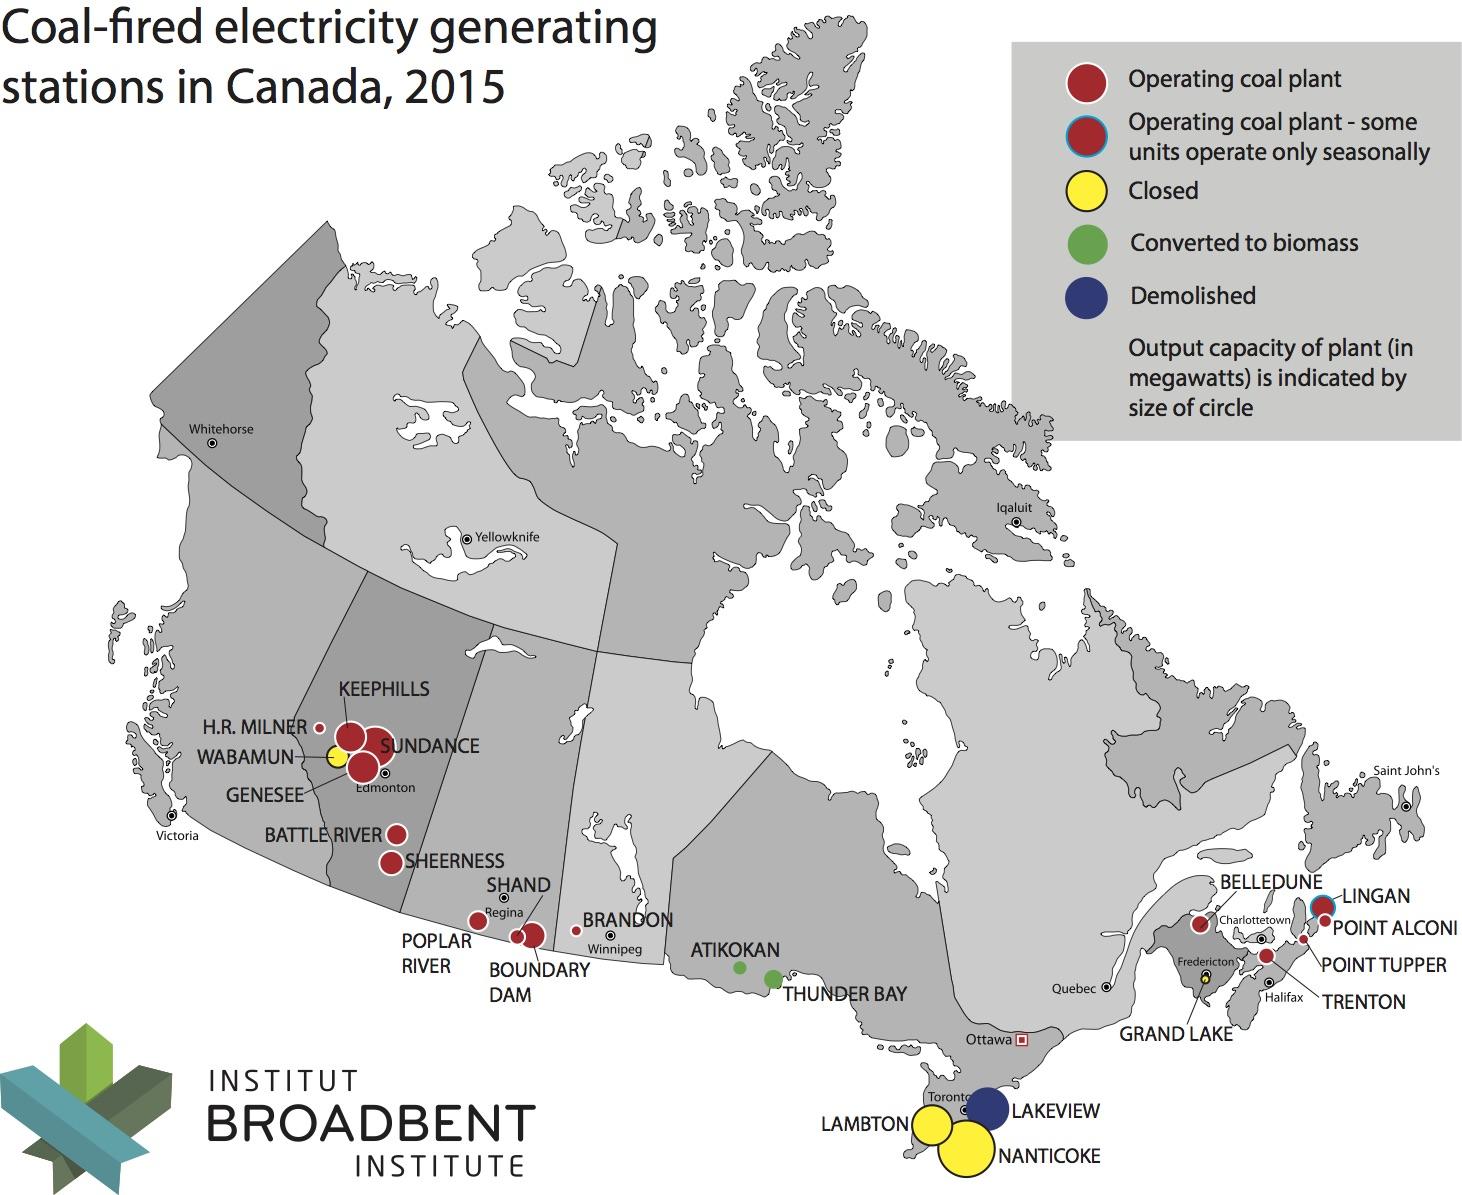 Франция, Финляндия, Великобритания и Канада полностью откажутся от сжигания угля - 2